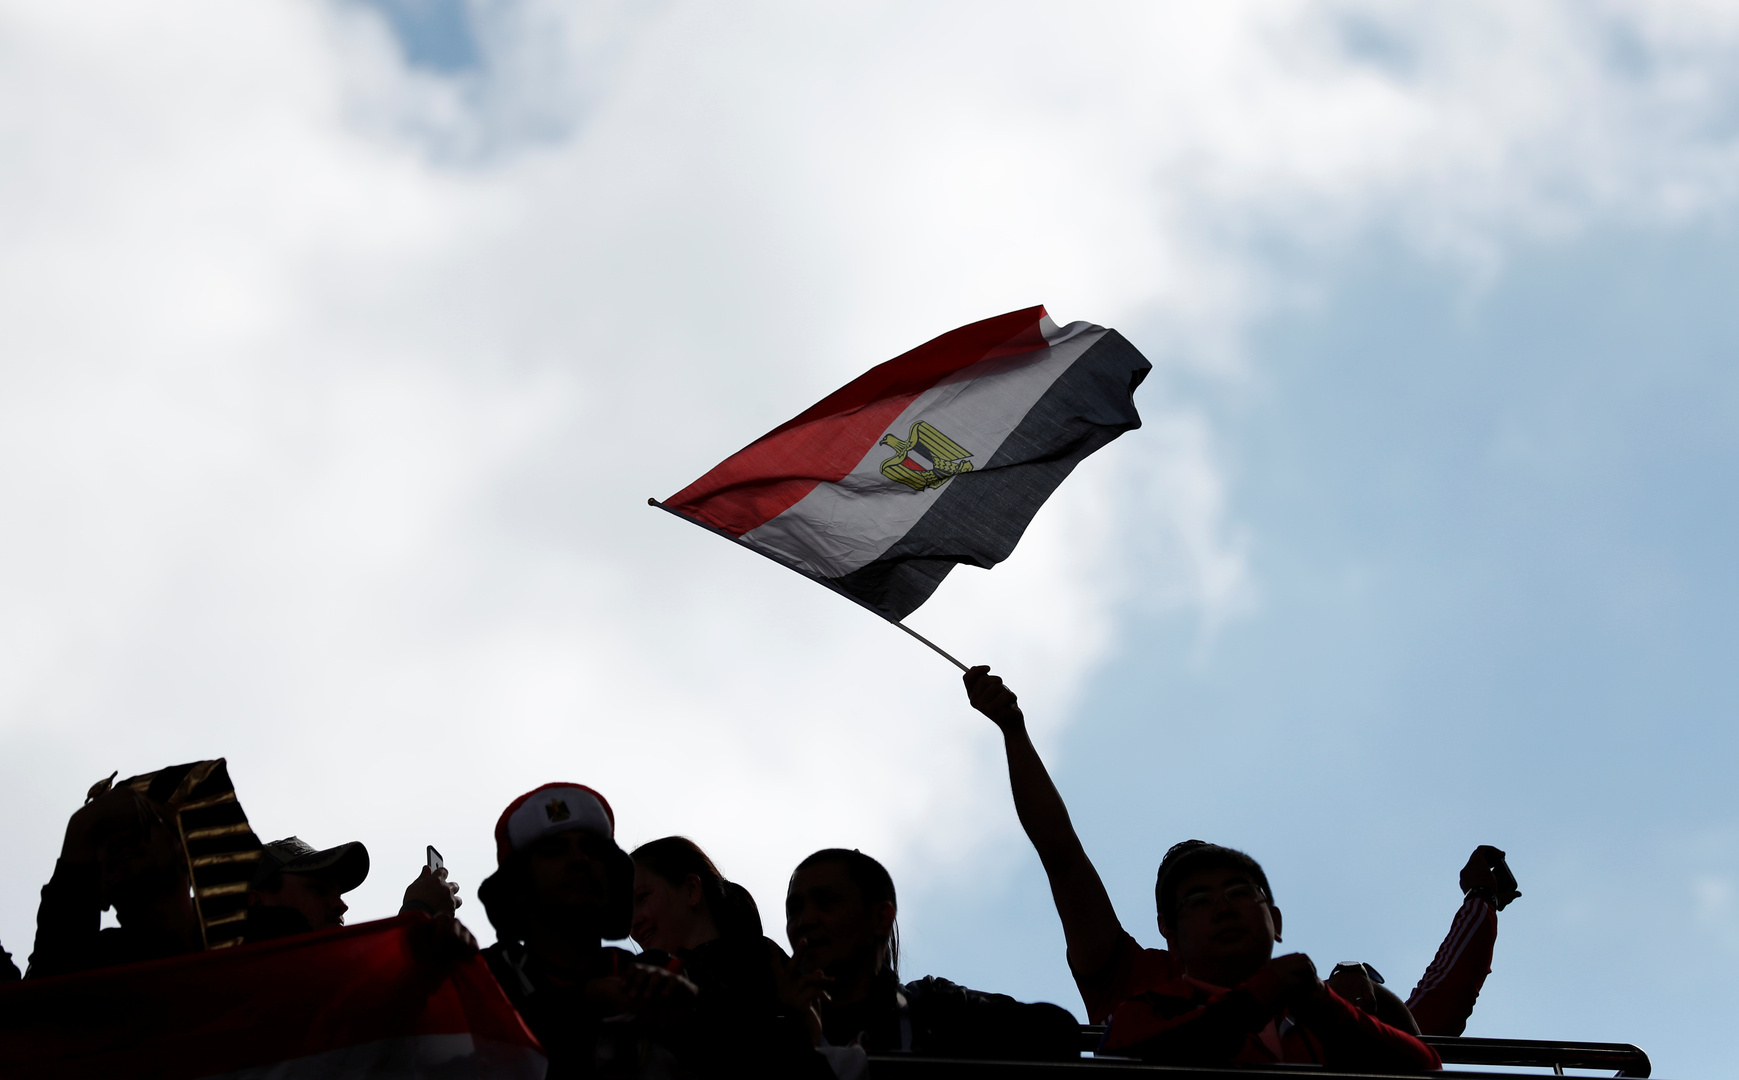 مصر.. حزن كبير بعد وفاة فنانة شابة بشكل مفاجئ (صورة)